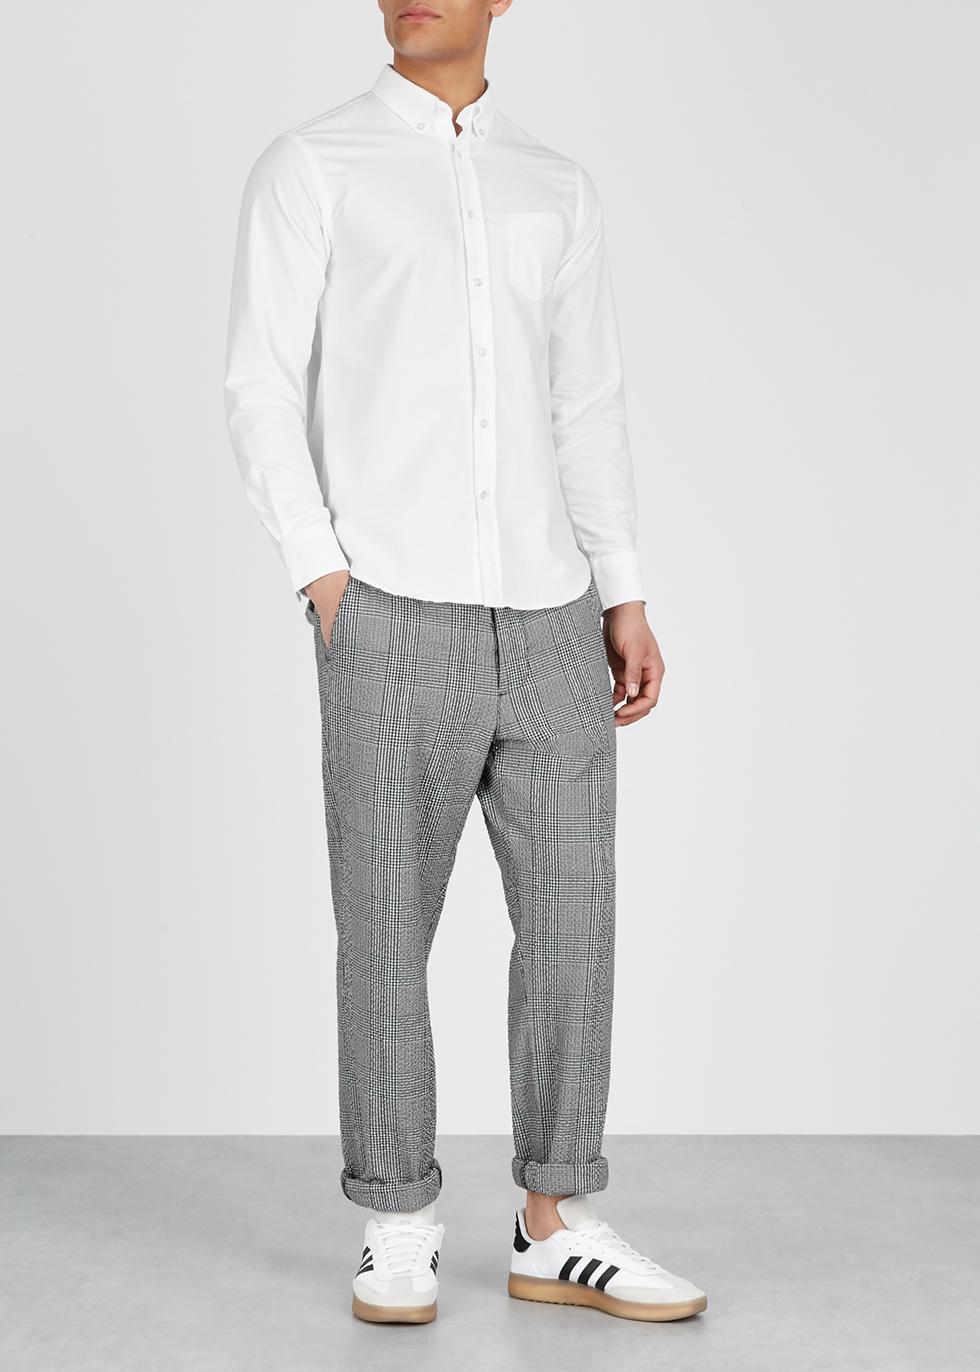 Antime white cotton Oxford shirt - Officine Générale